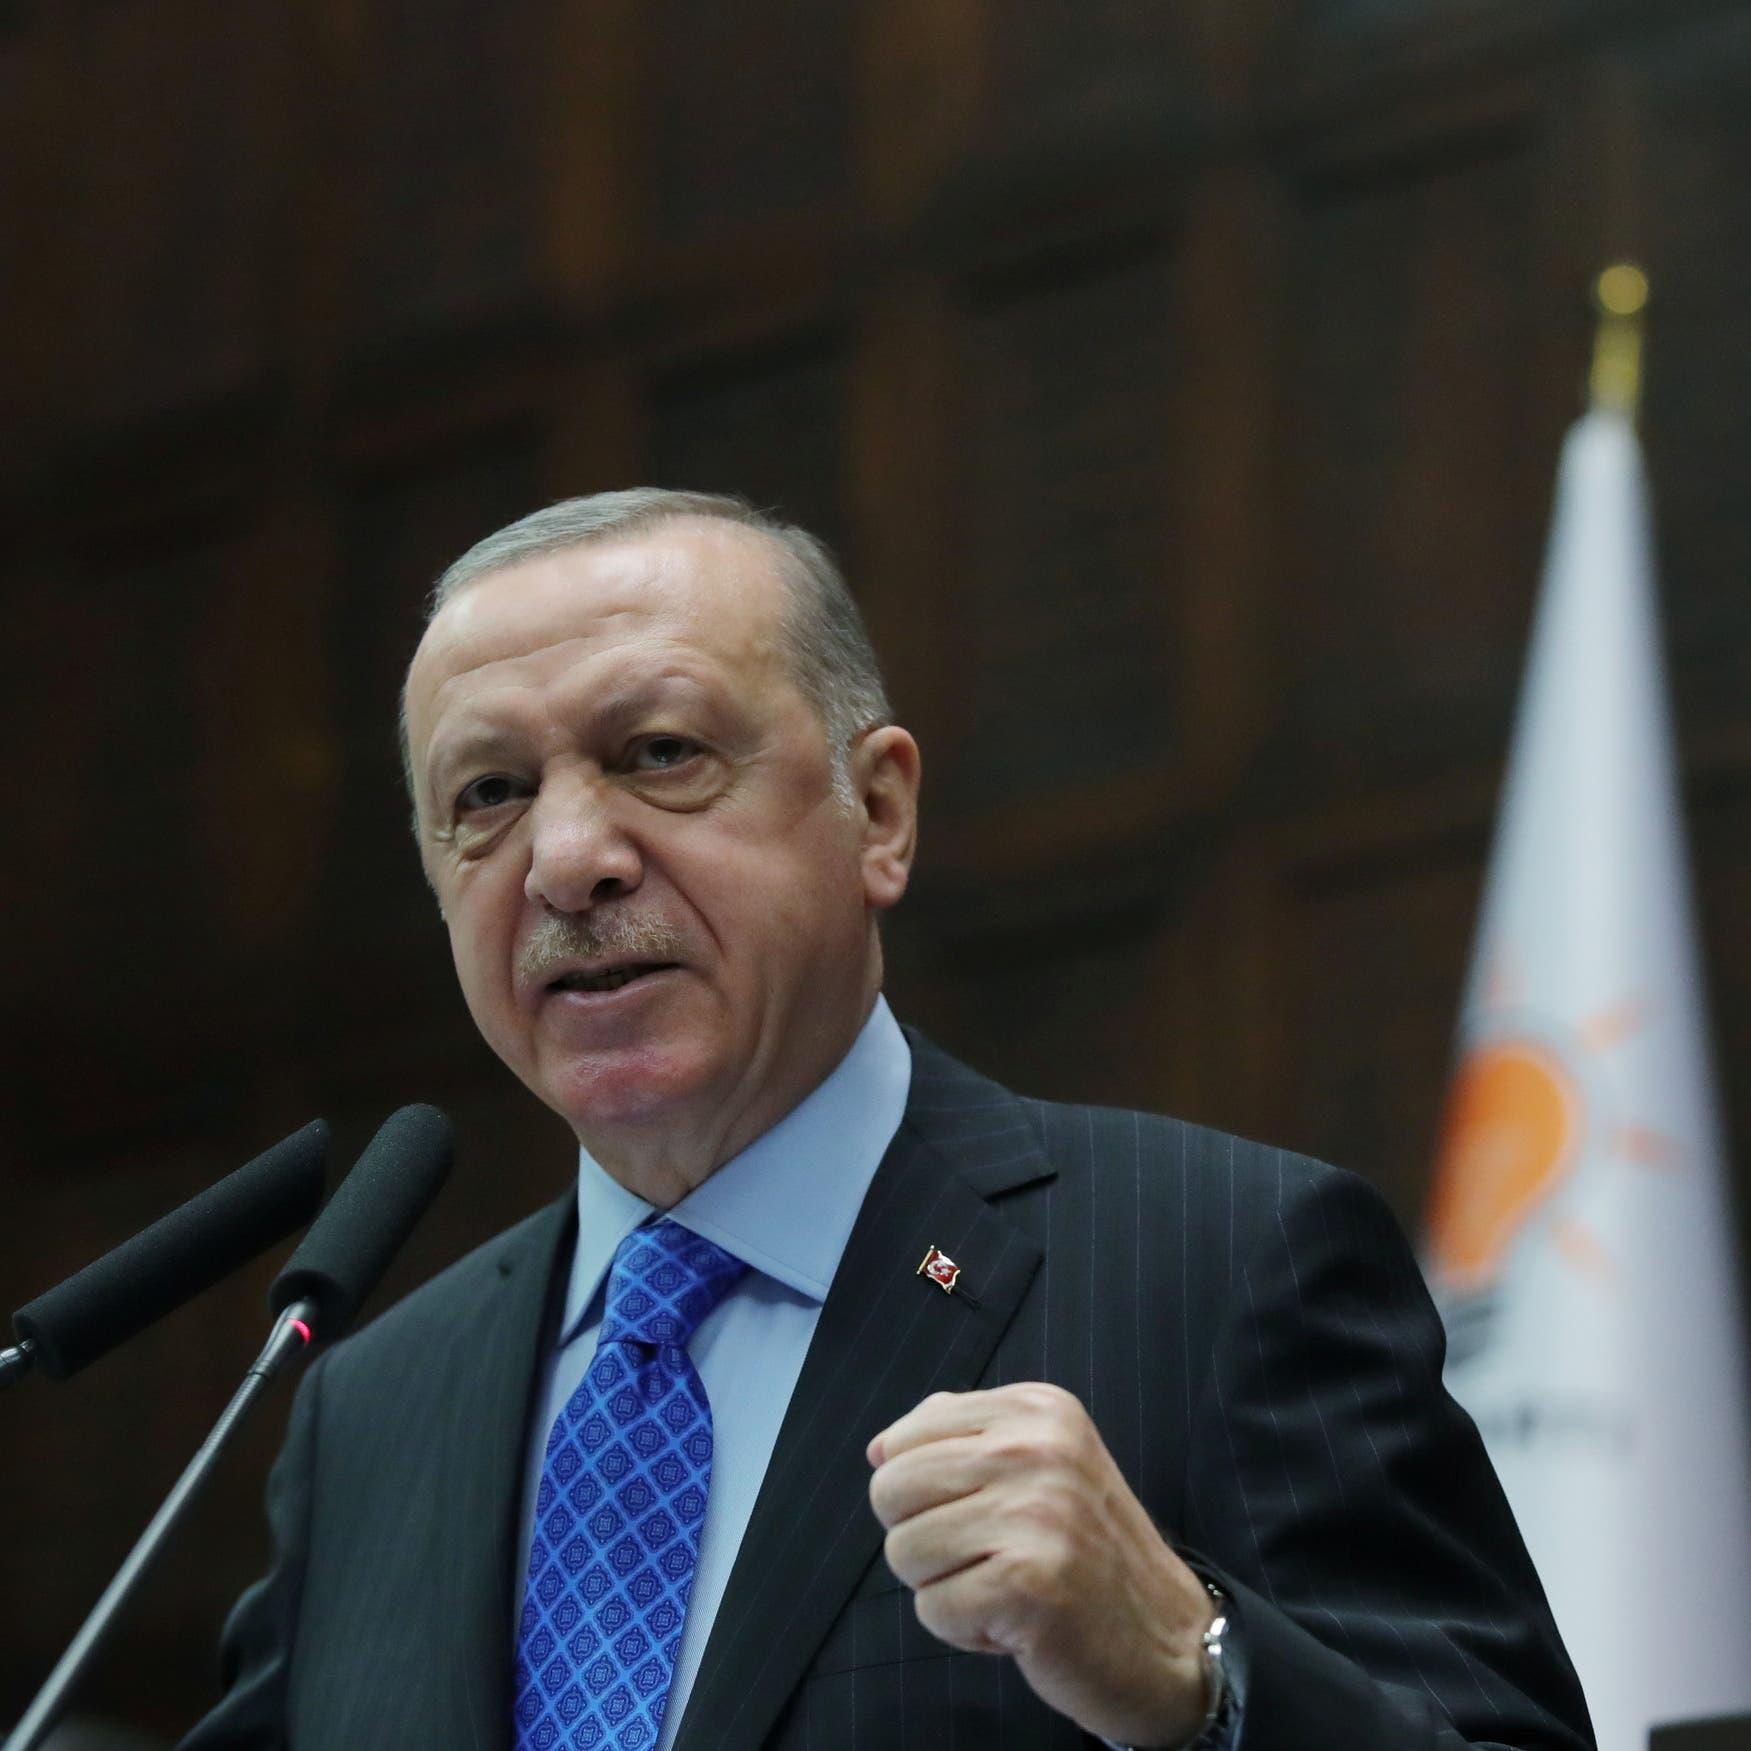 هكذا يستغل أردوغان الوضع في أفغانستان.. ويفلت من العقاب!